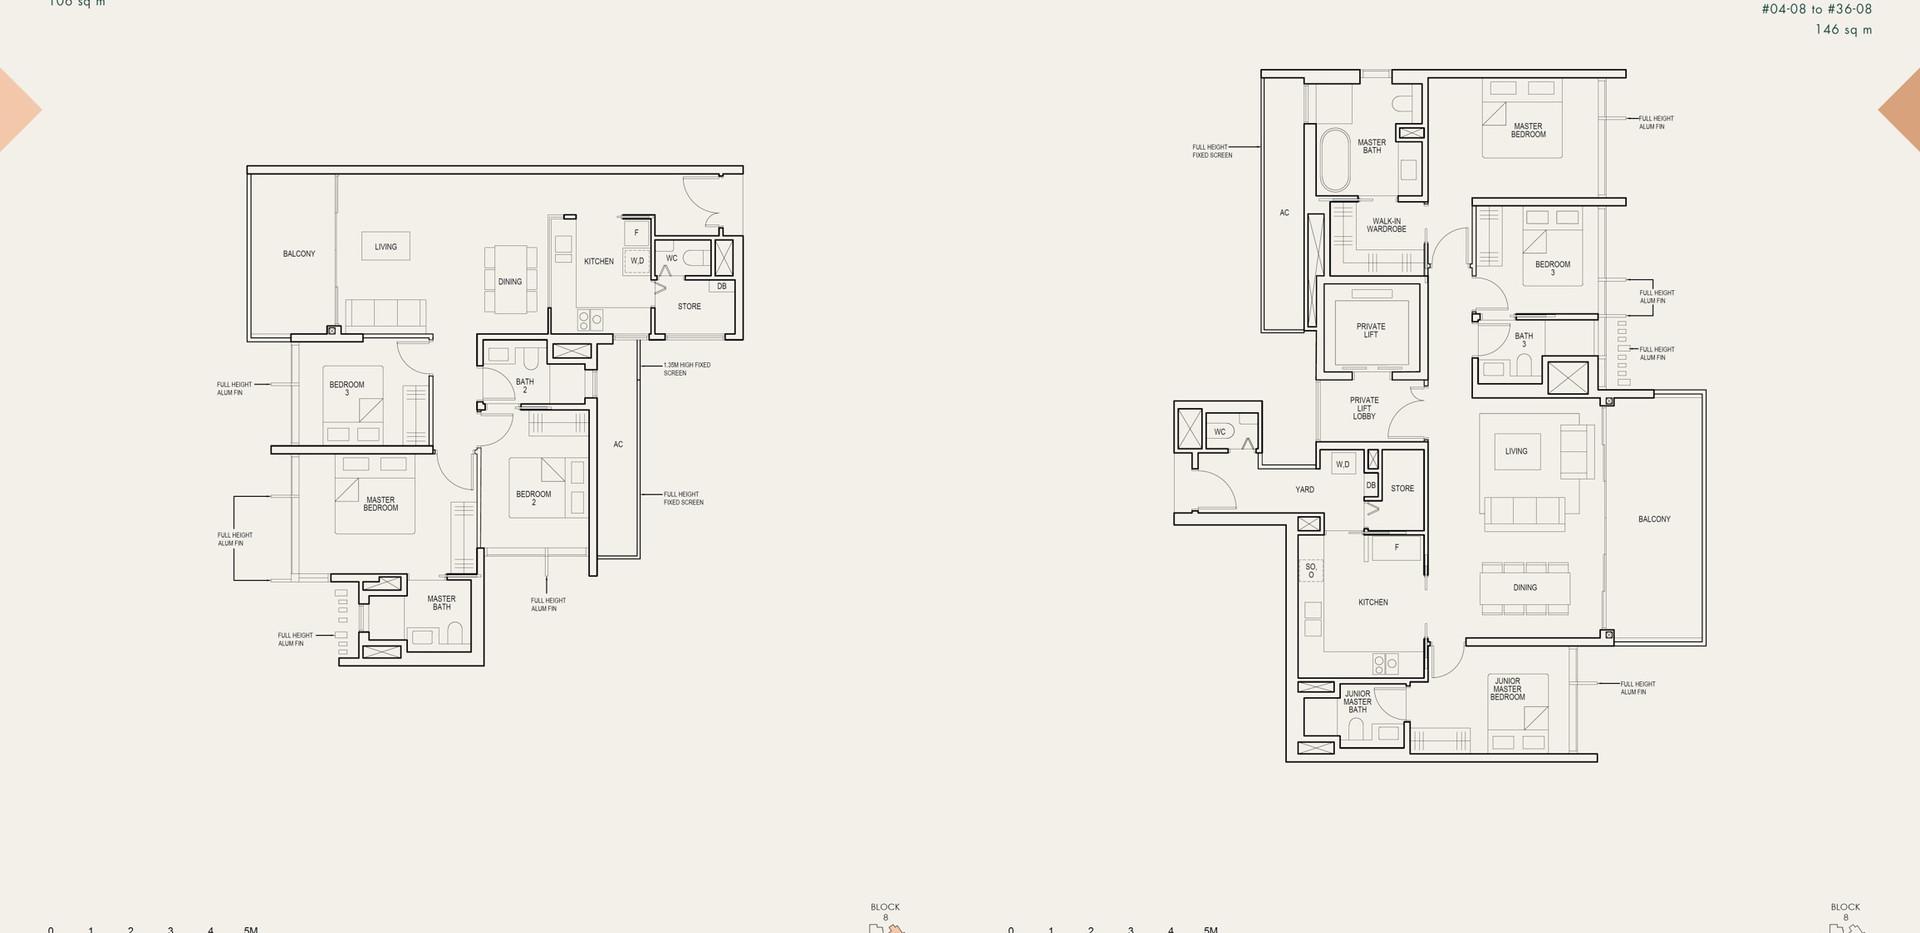 Floor Plan - Pg 3.jpg